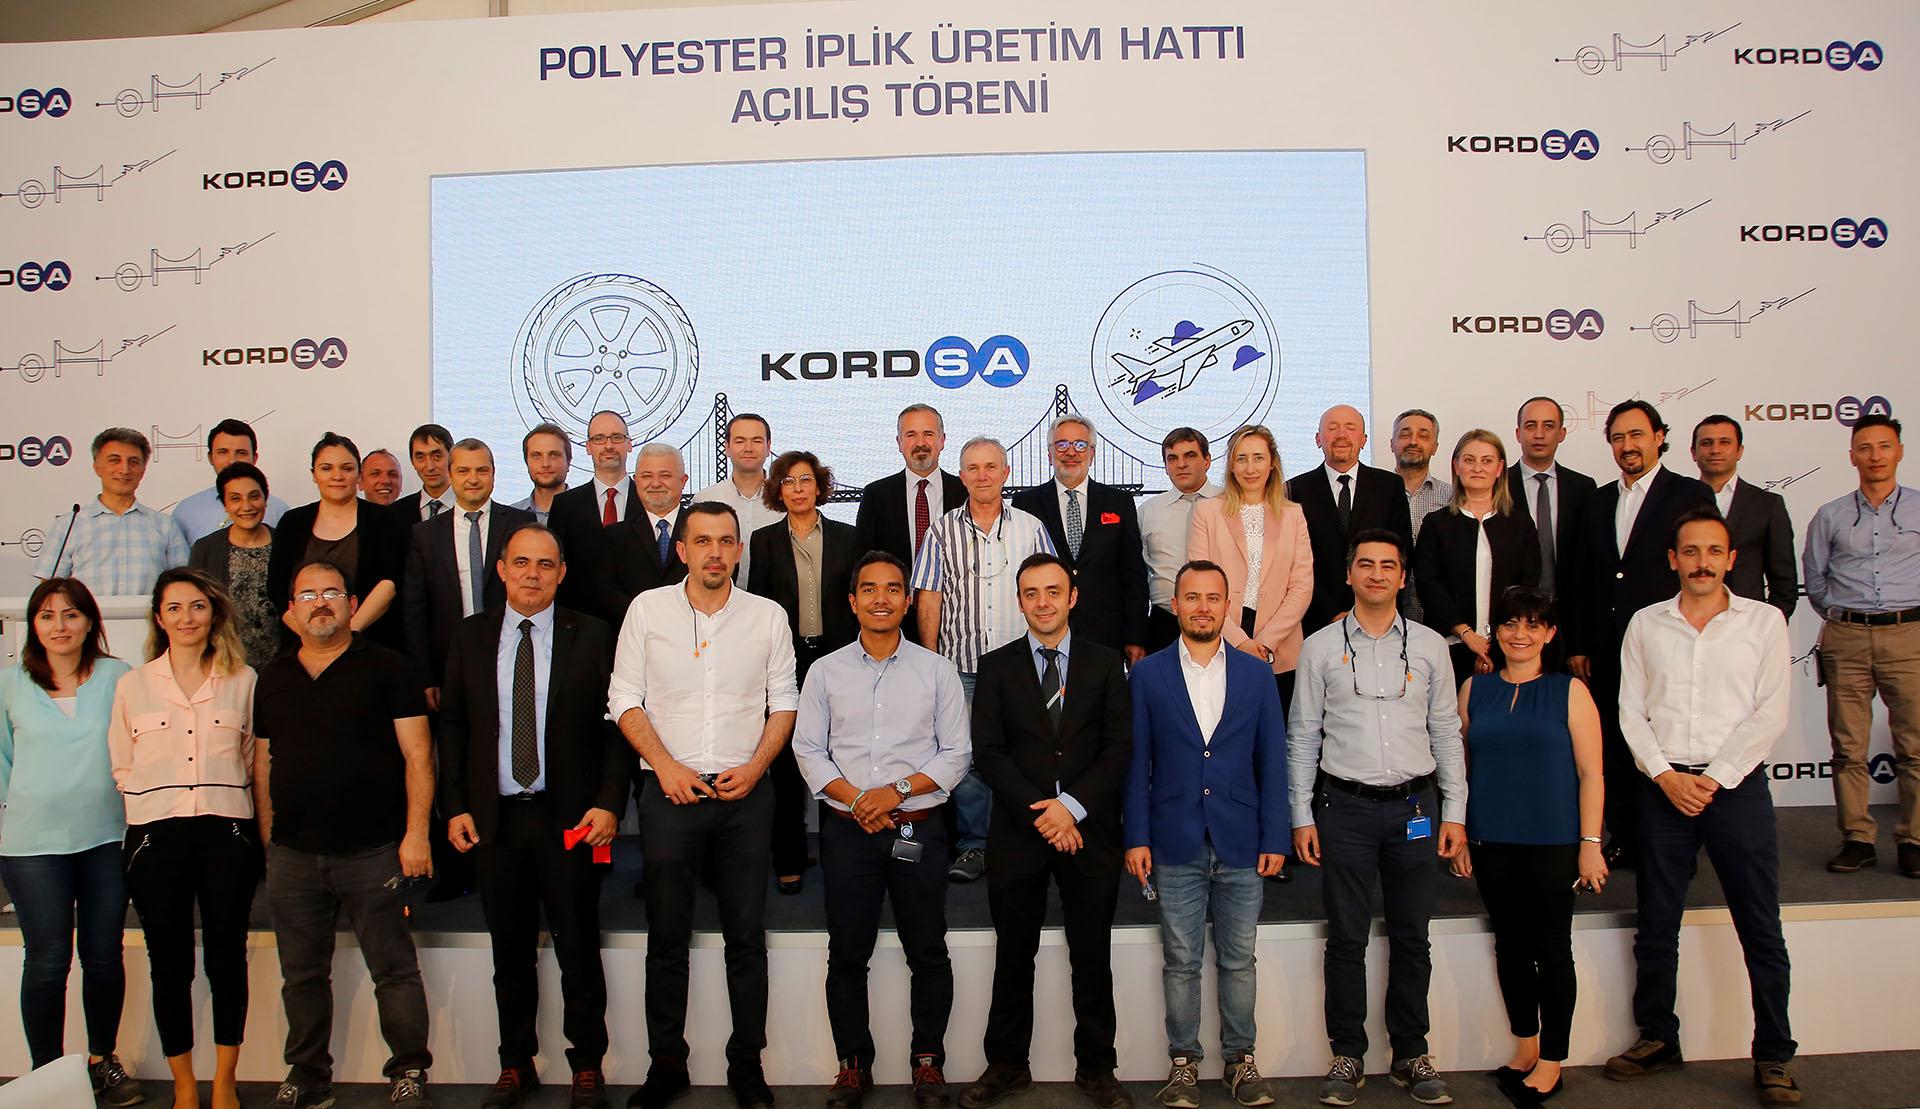 Kordsa'dan 100 Milyon Liralık Yeni Ek Polyester İplik Hattı